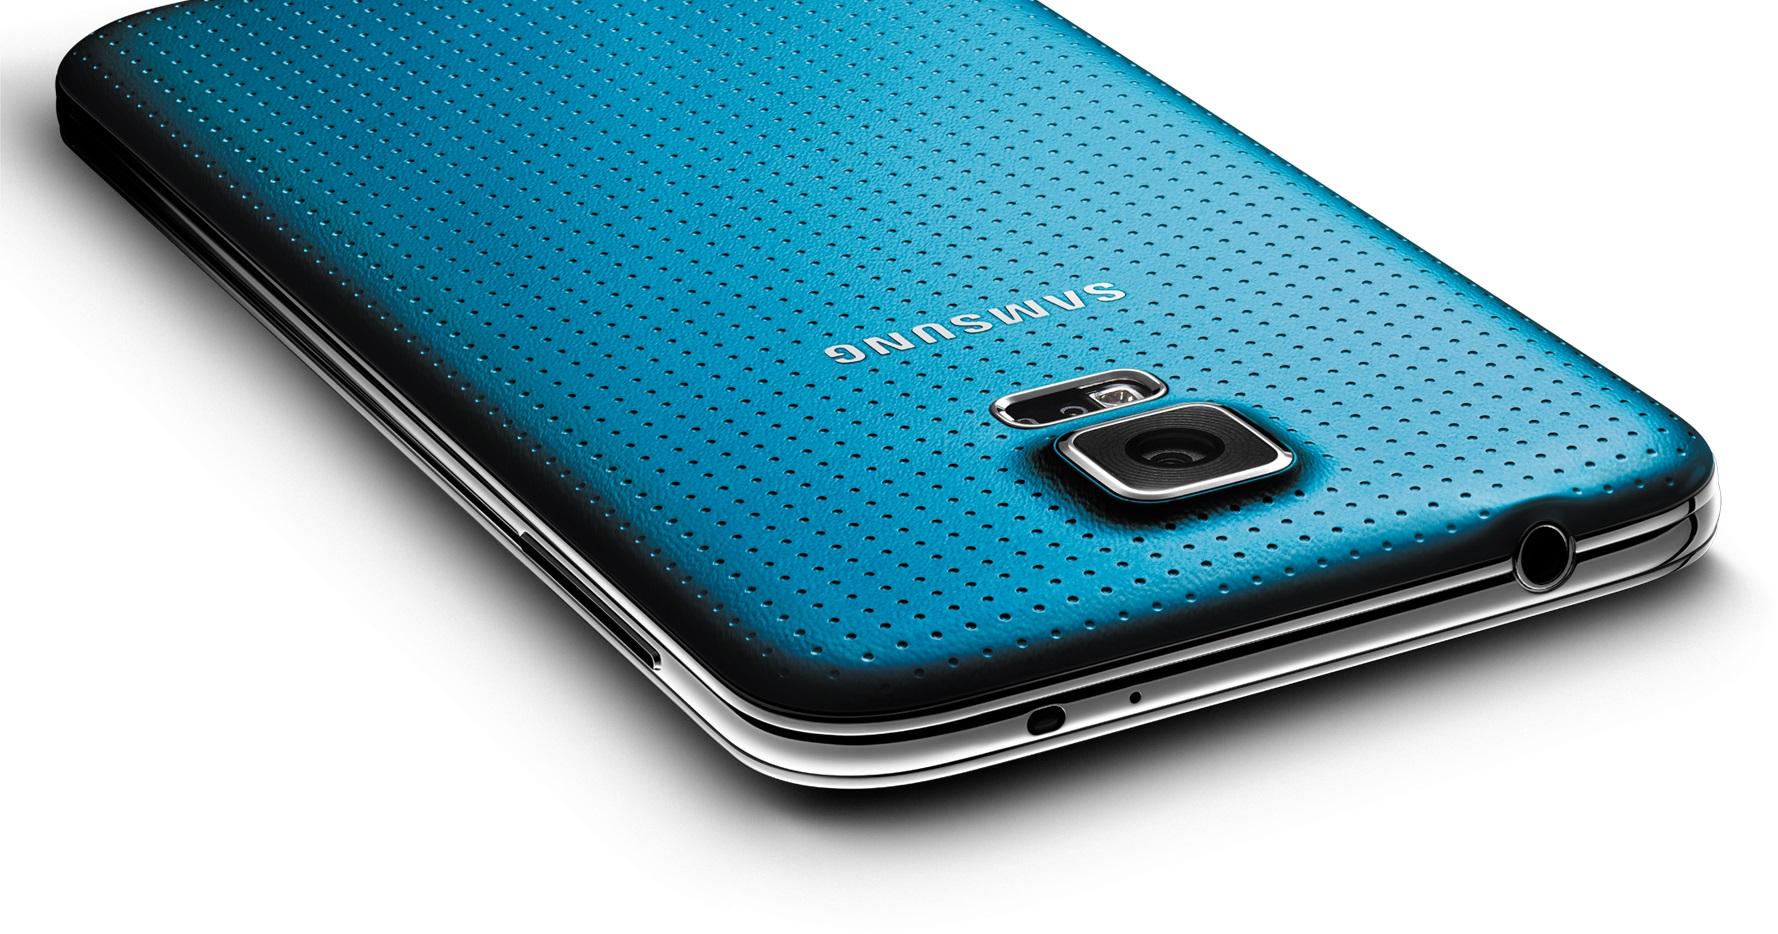 El diseño del Galaxy S5 no gusto muchos a los usuarios